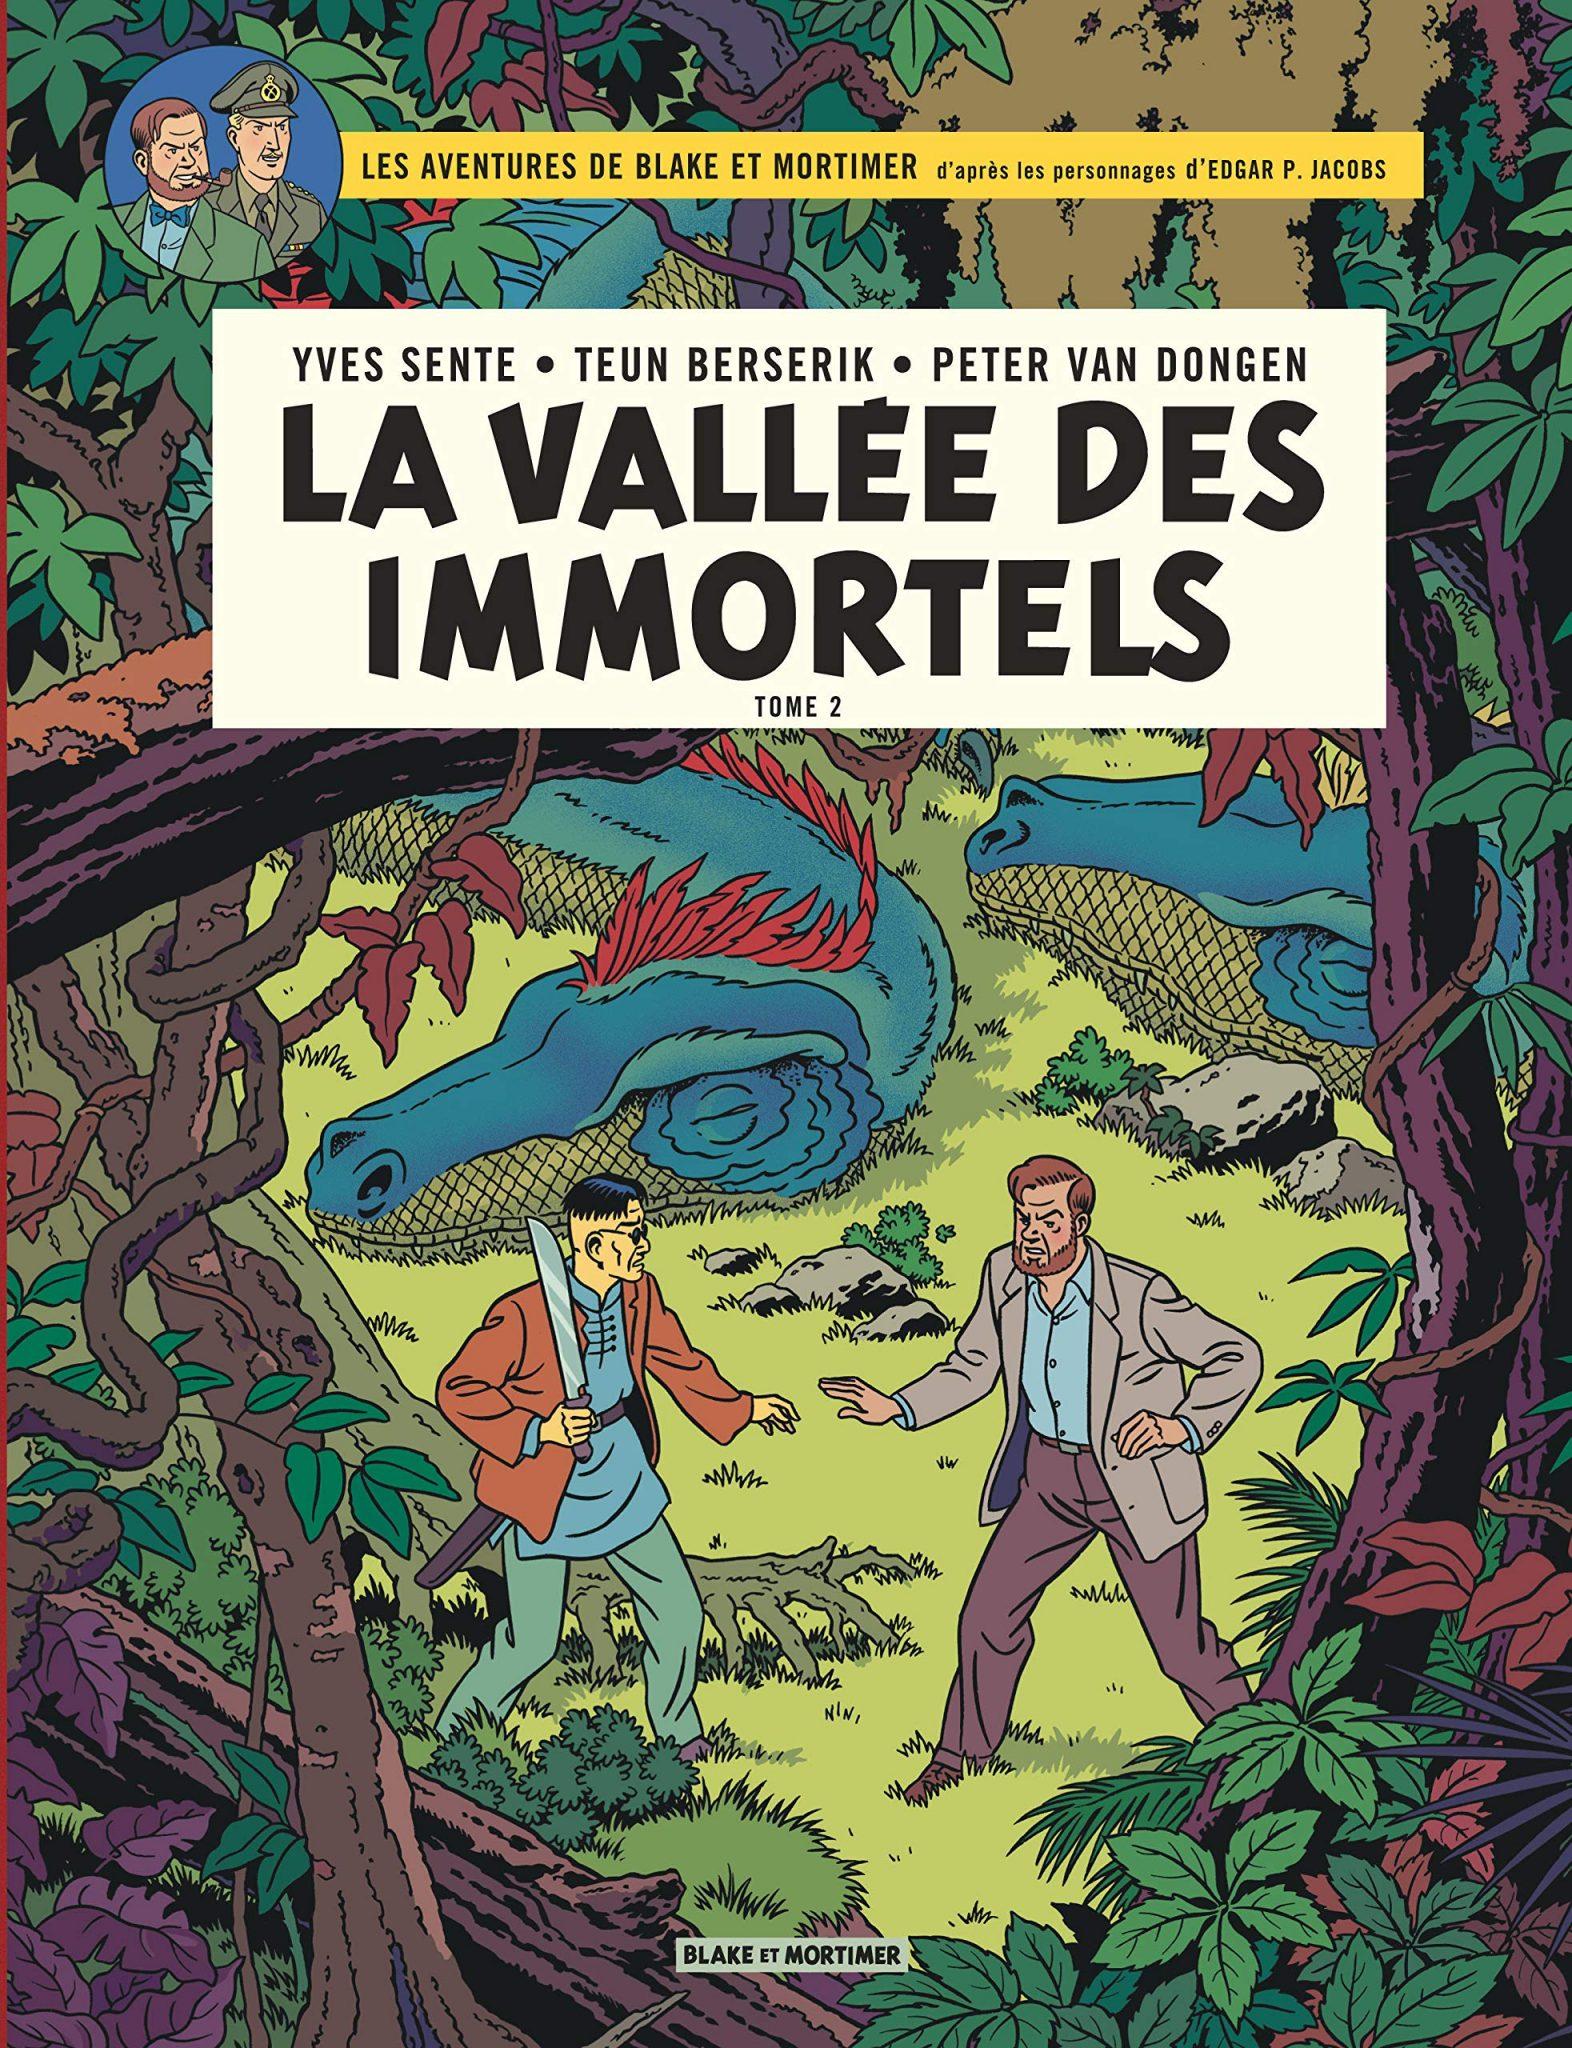 Blake et Mortimer: La Vallée des Immortels, tome 2